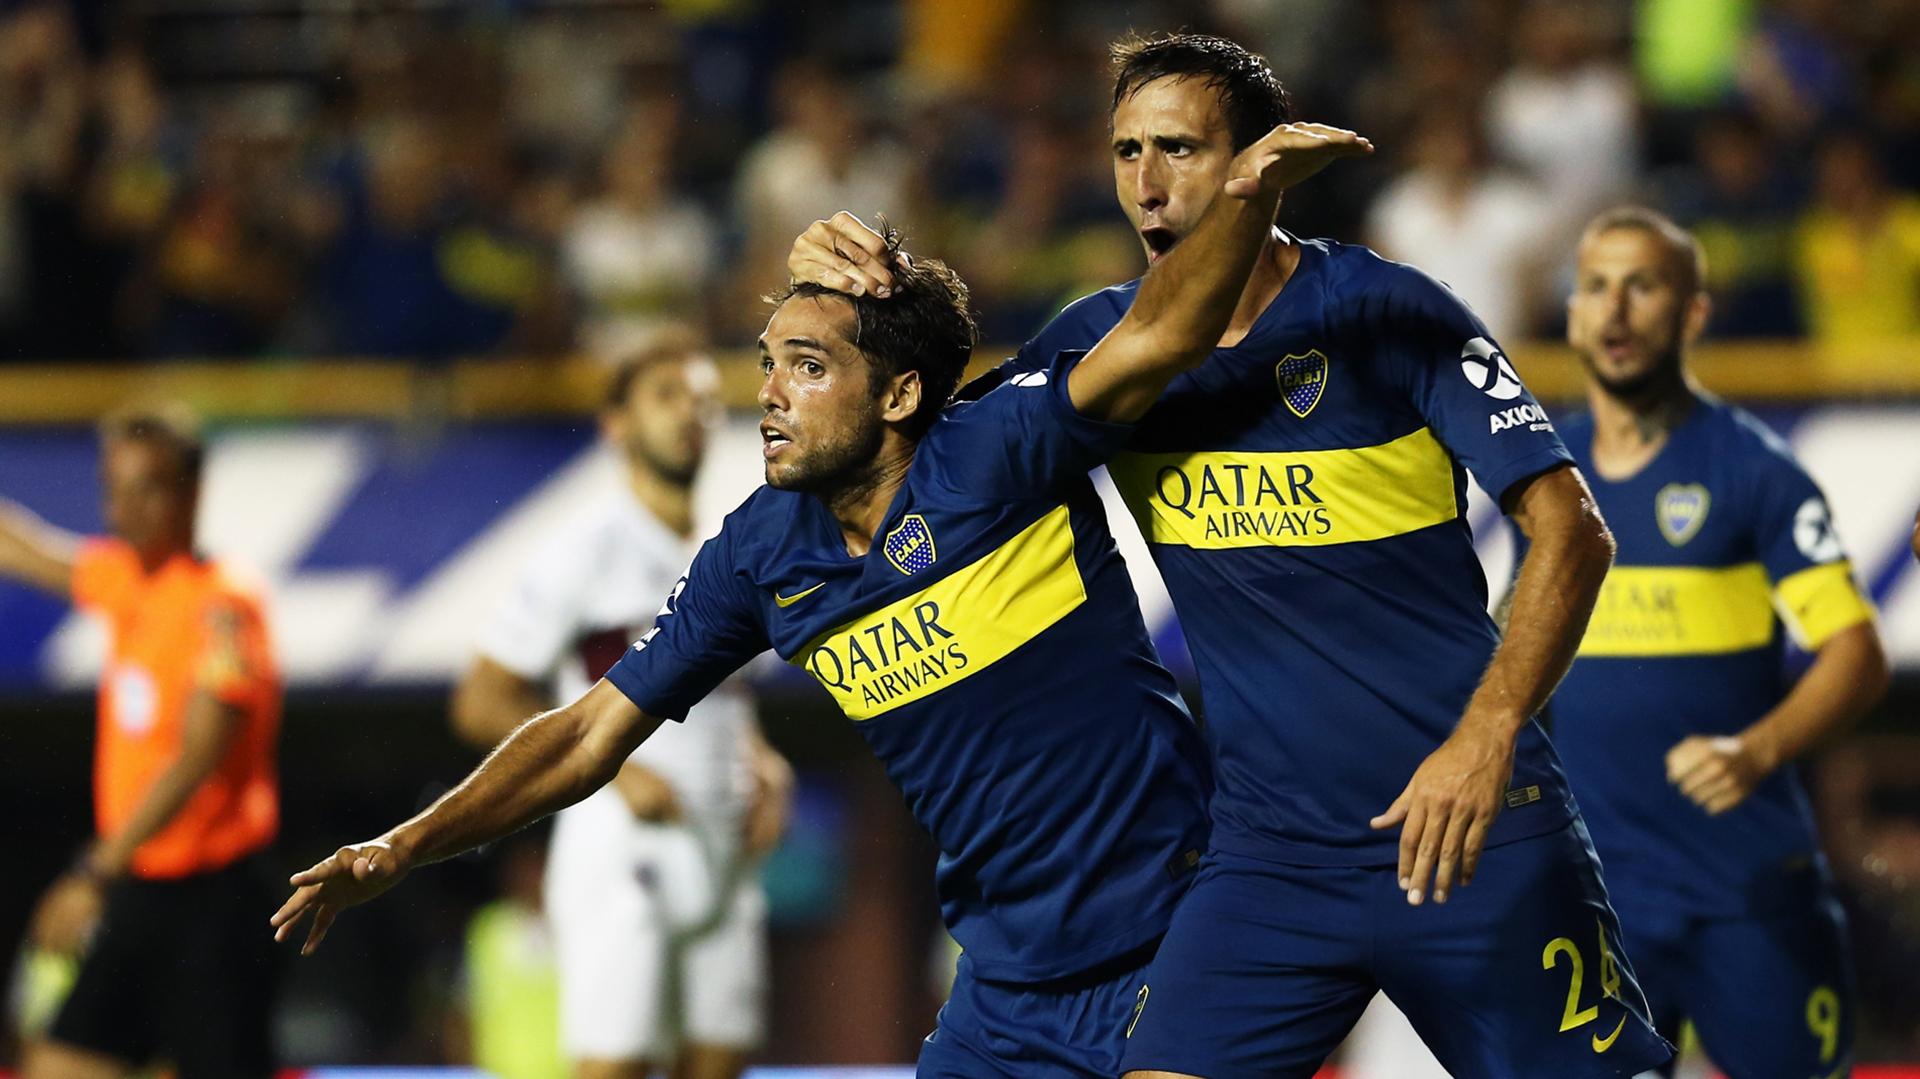 Boca derrotó a Lanús y suela con dar pelea en la Superliga (Foto Baires)